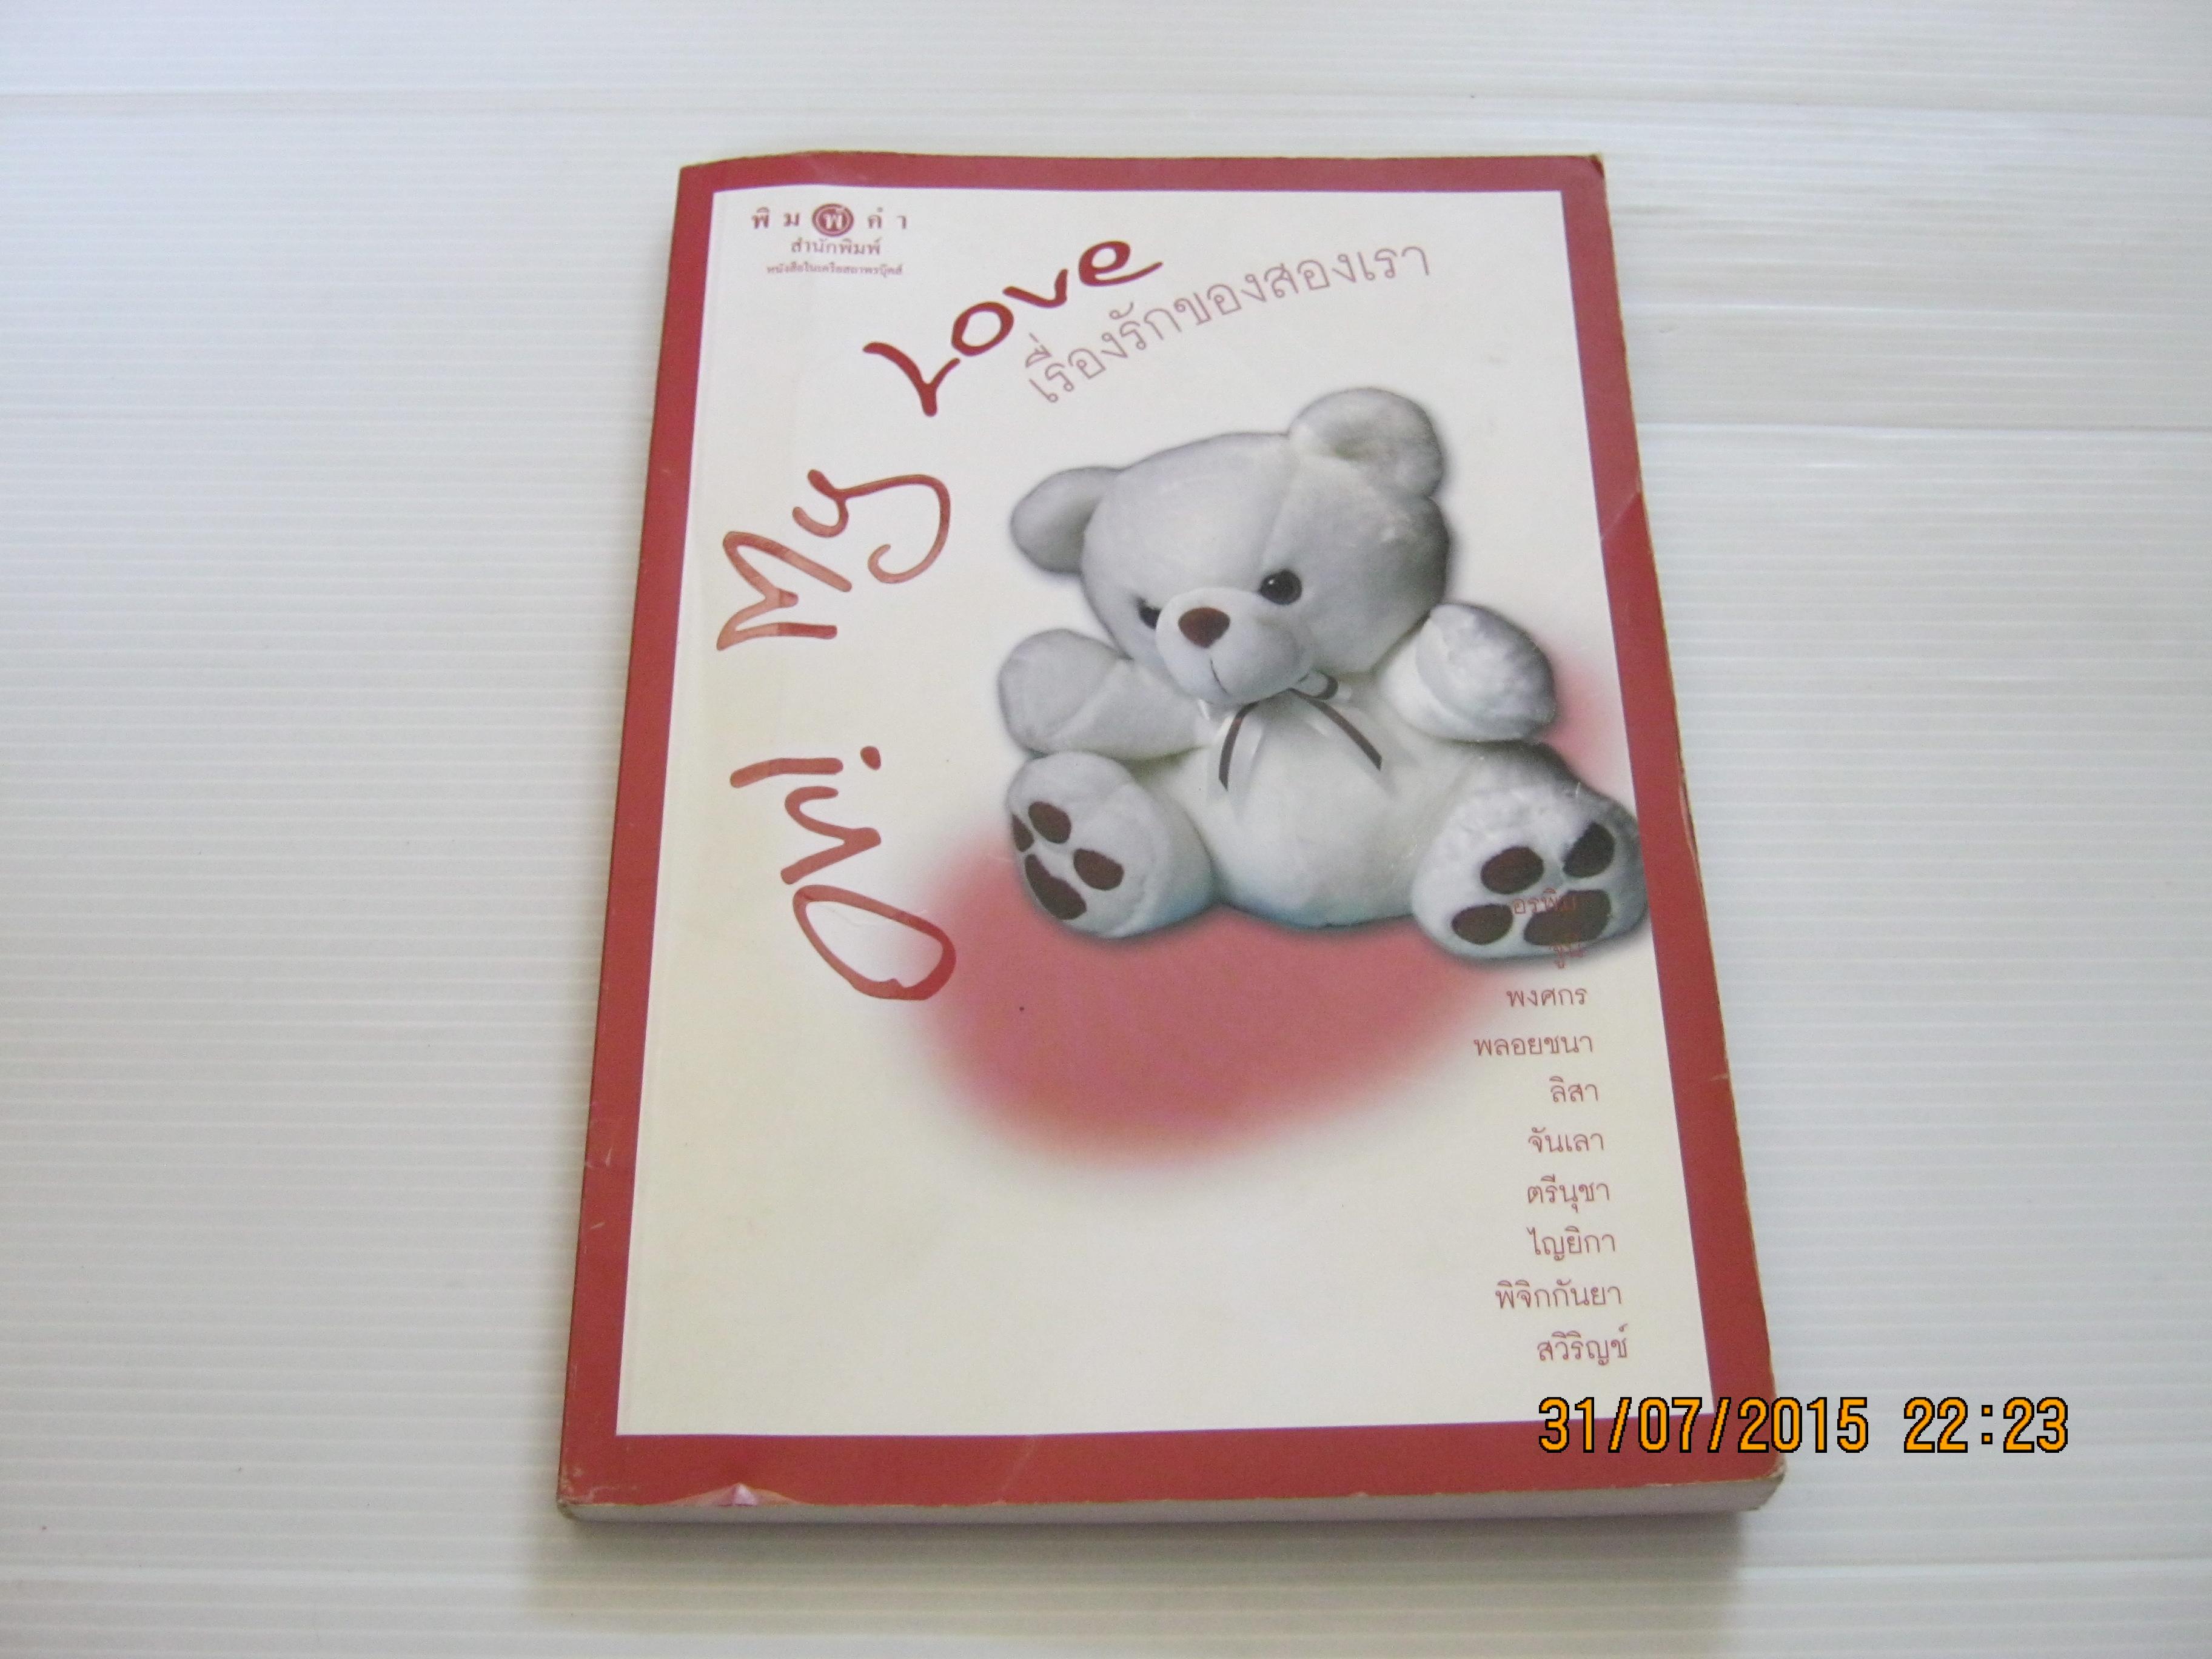 Oh! My Love เรื่องรักของสองเรา รวมนักเขียน